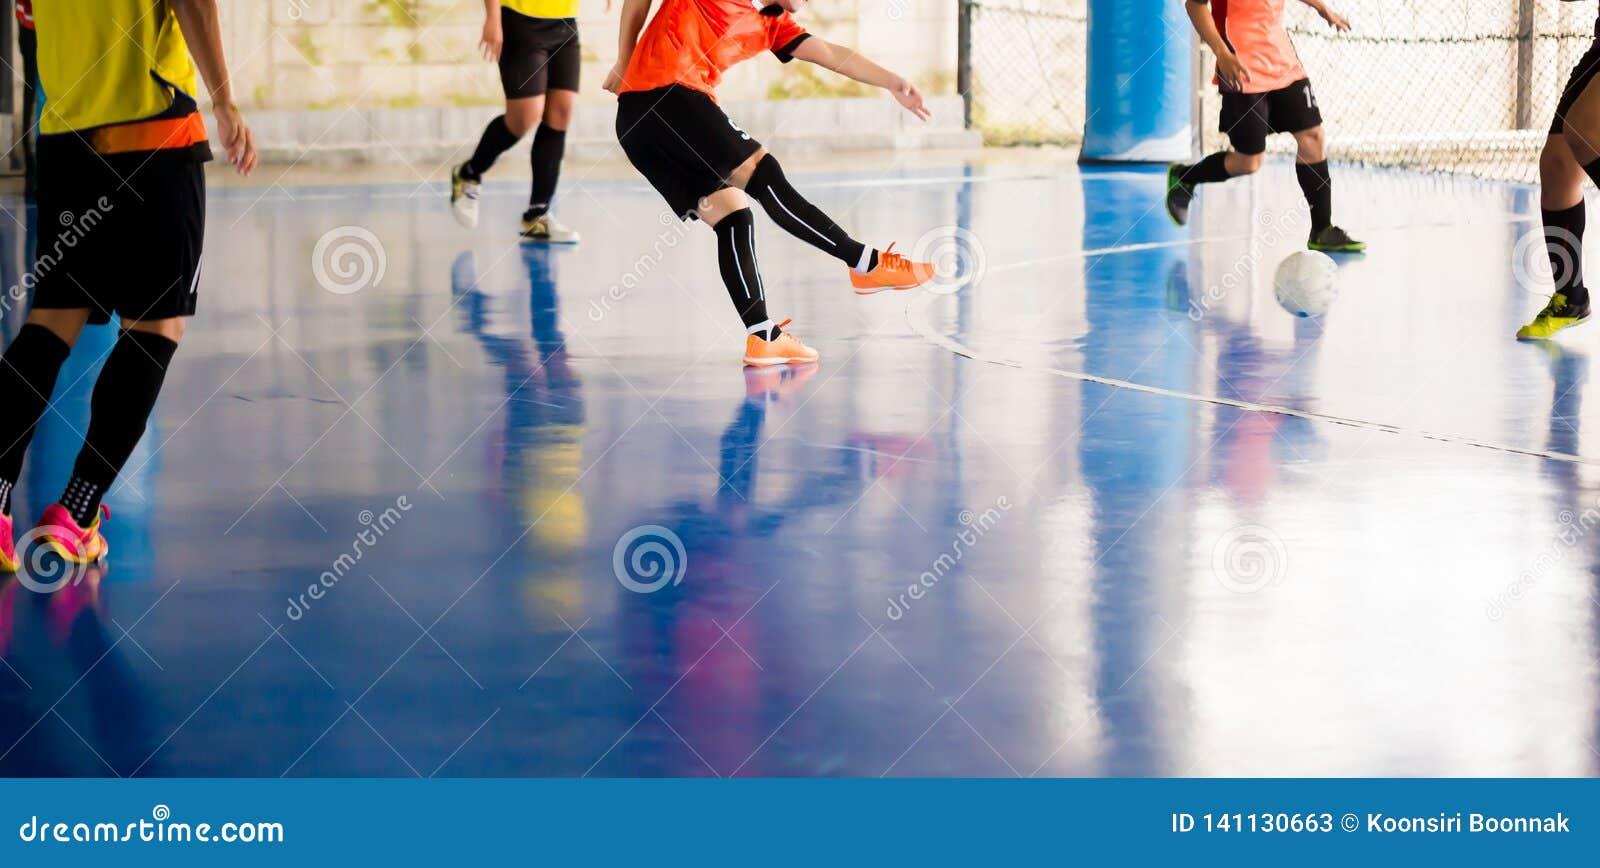 Futsal spelarefälla och att kontrollera bollen för fors till målet Fotbollspelare som slåss sig, genom att sparka bollen Inomhus